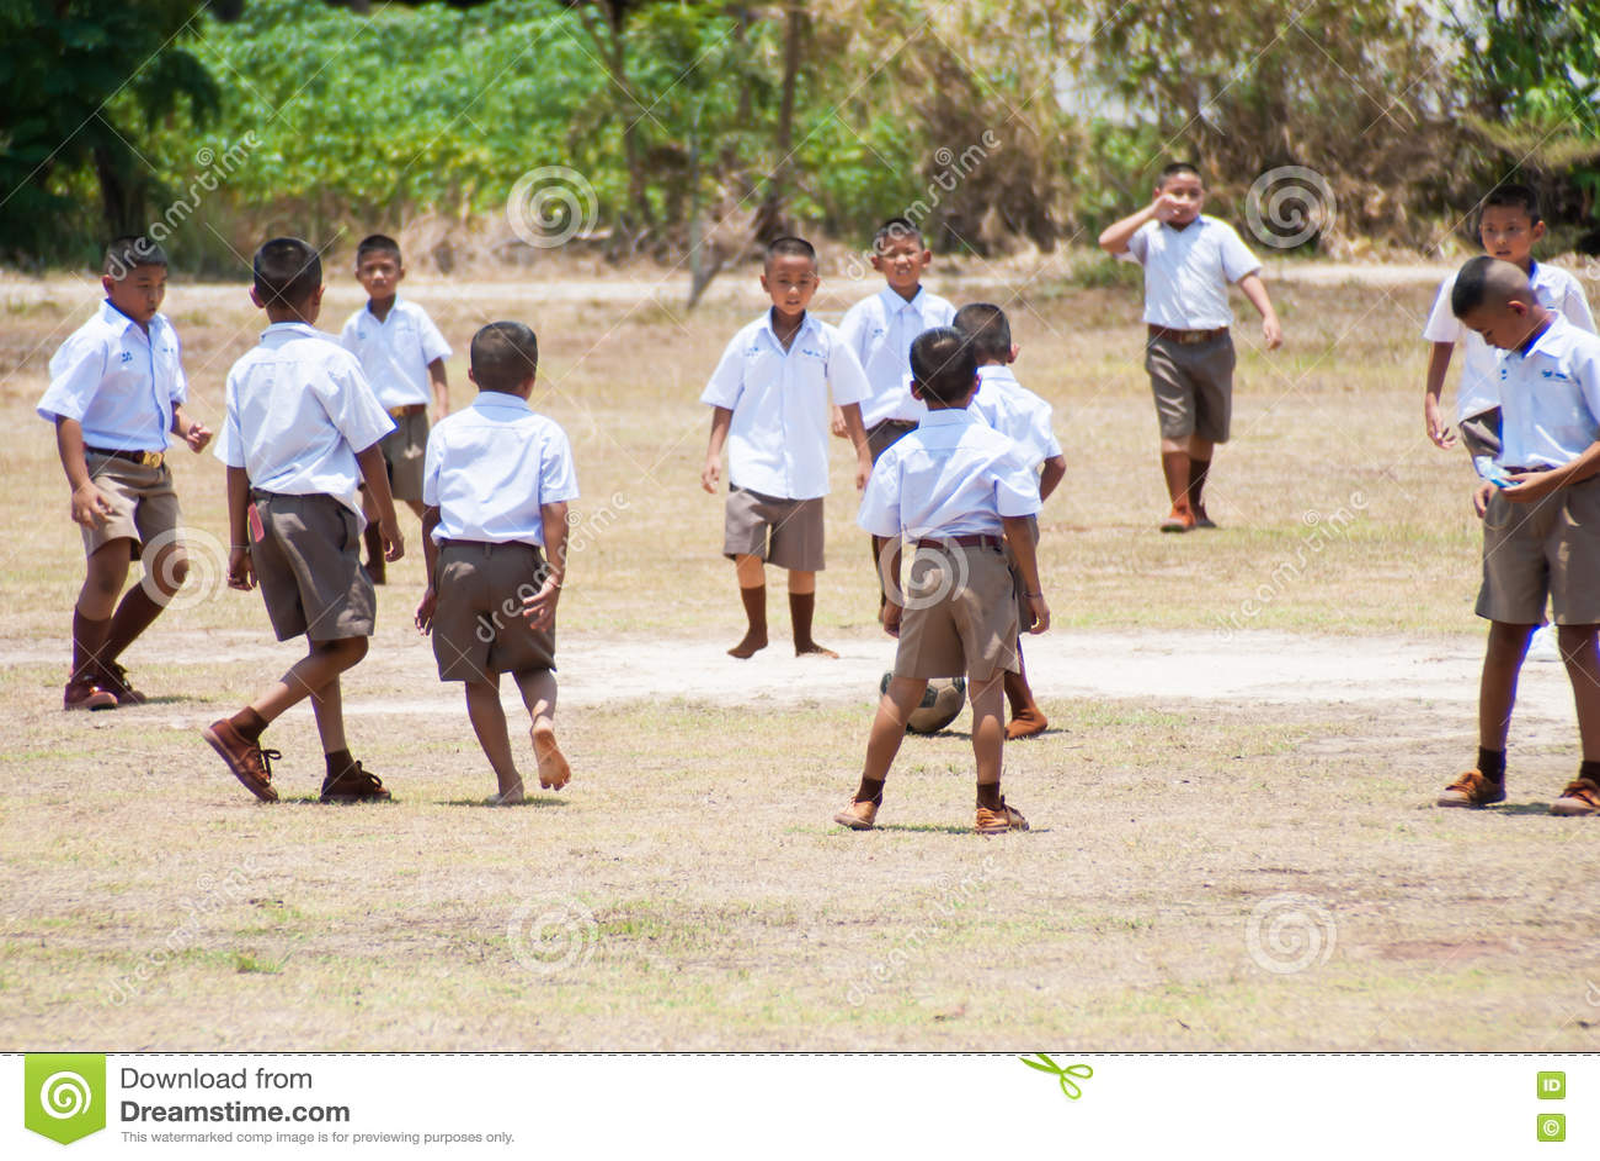 Thailändischer Kinderspielfußball